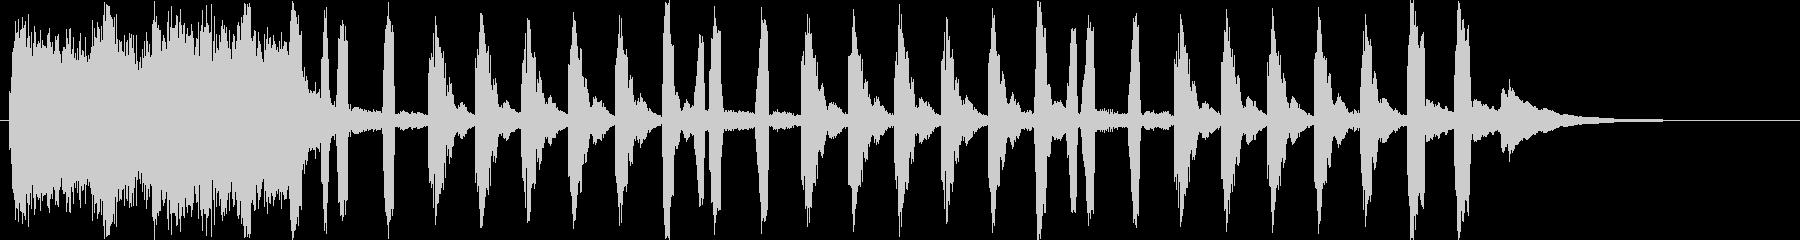 物事の雰囲気を表現するショートソングの未再生の波形